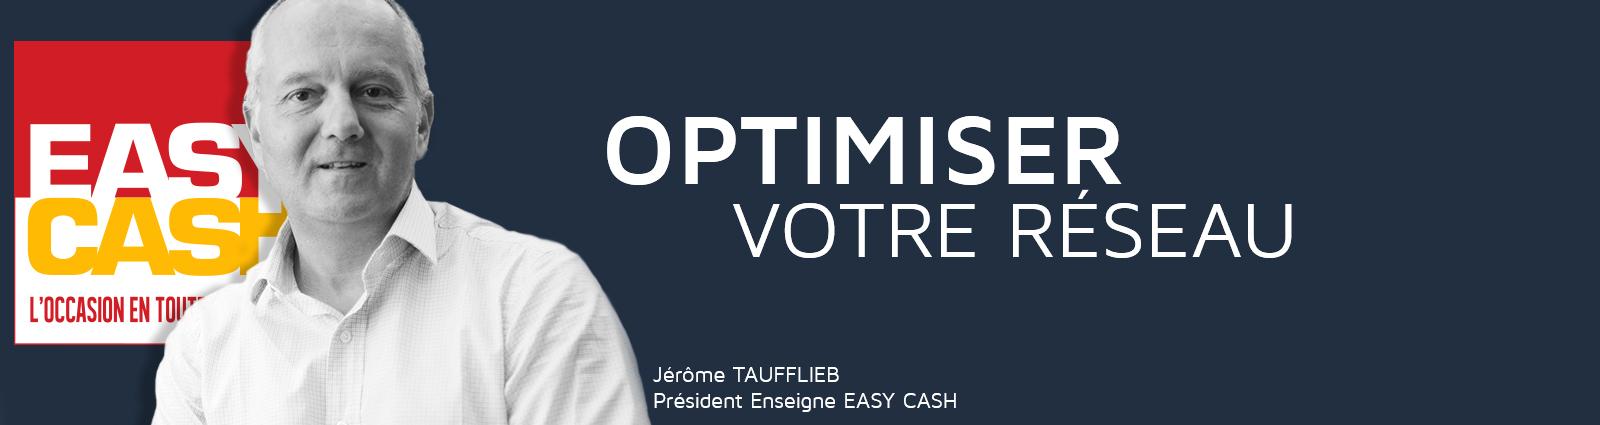 Optimiser votre franchise - Réseau de franchisés - Conseil franchise